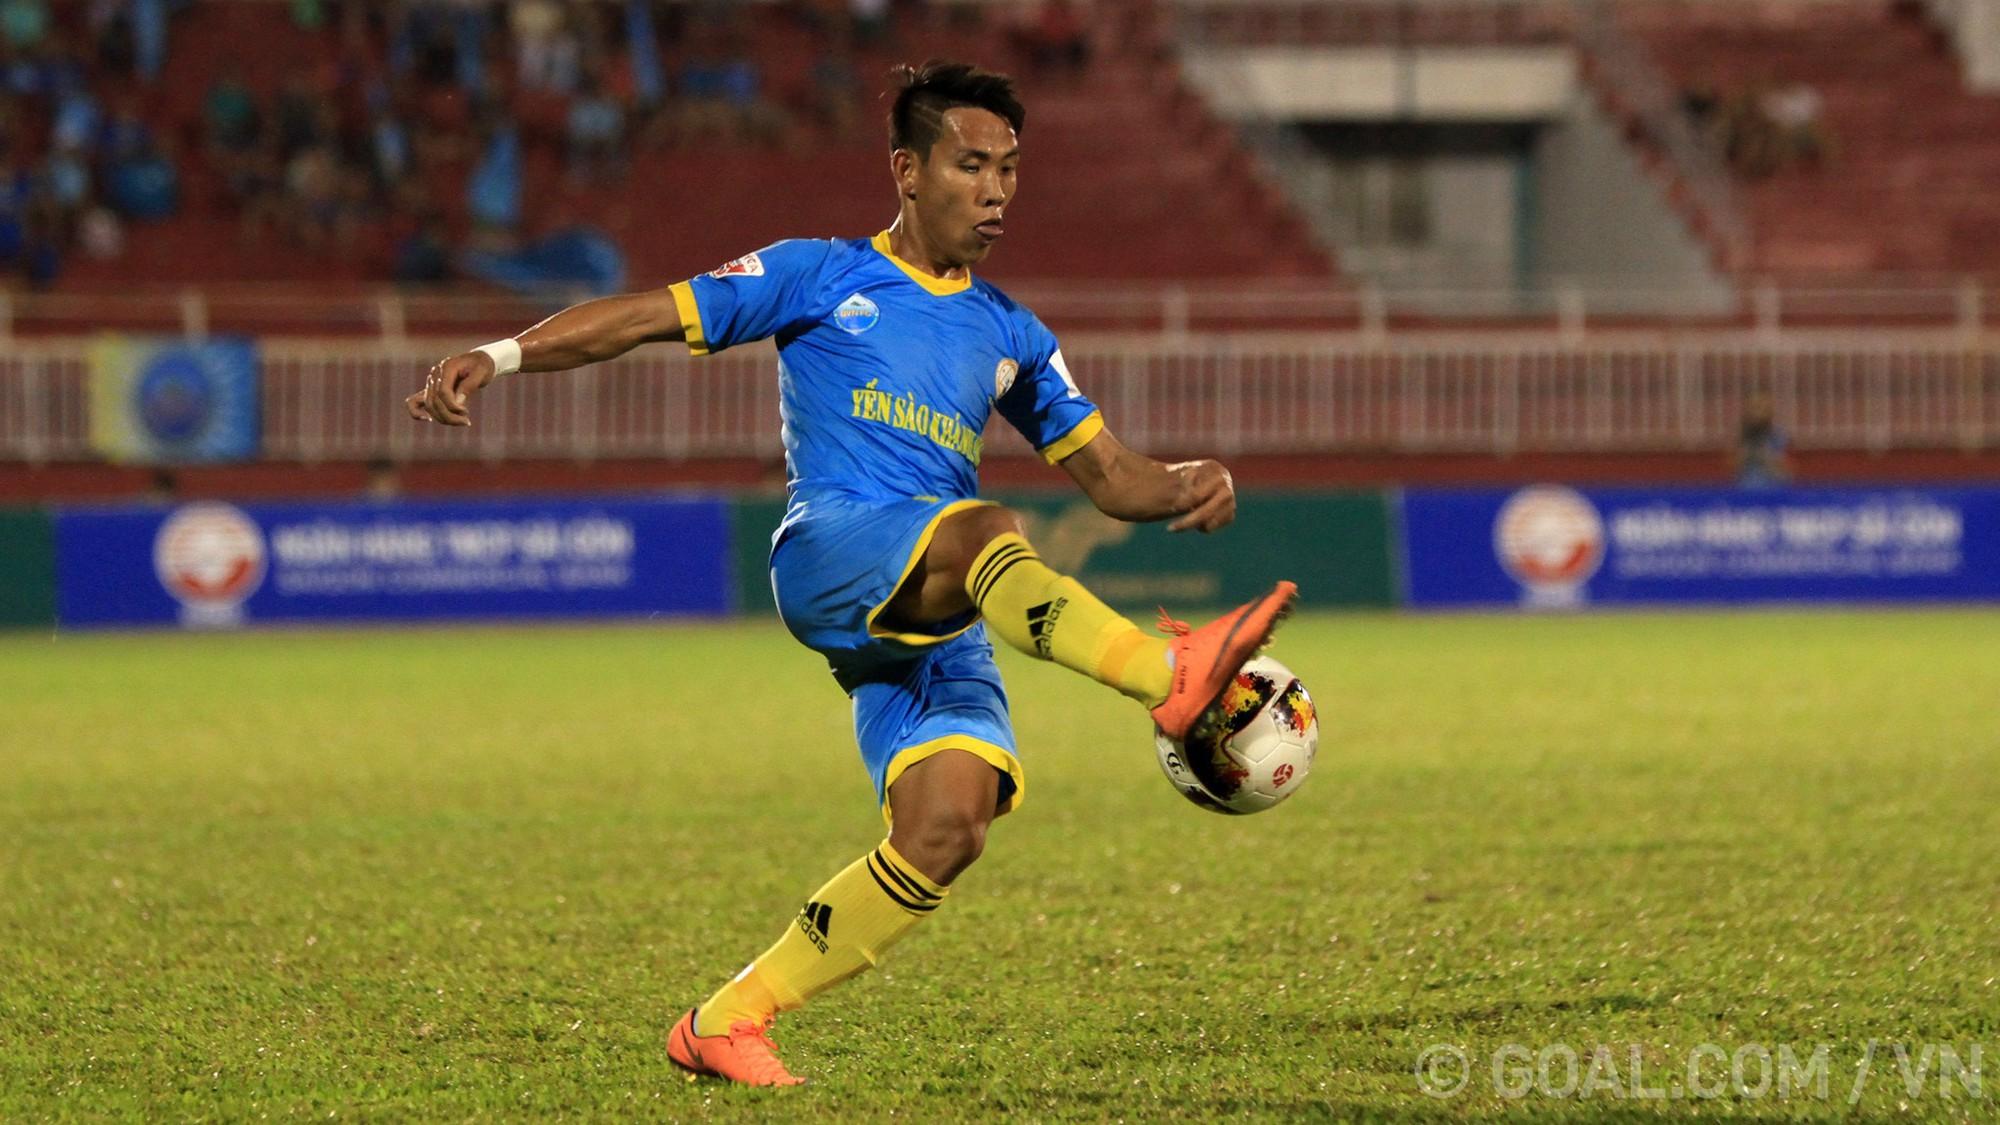 Bùi Tiến Dũng thủng lưới 3 bàn, Thanh Hóa thua đau tại Nha Trang - Ảnh 3.